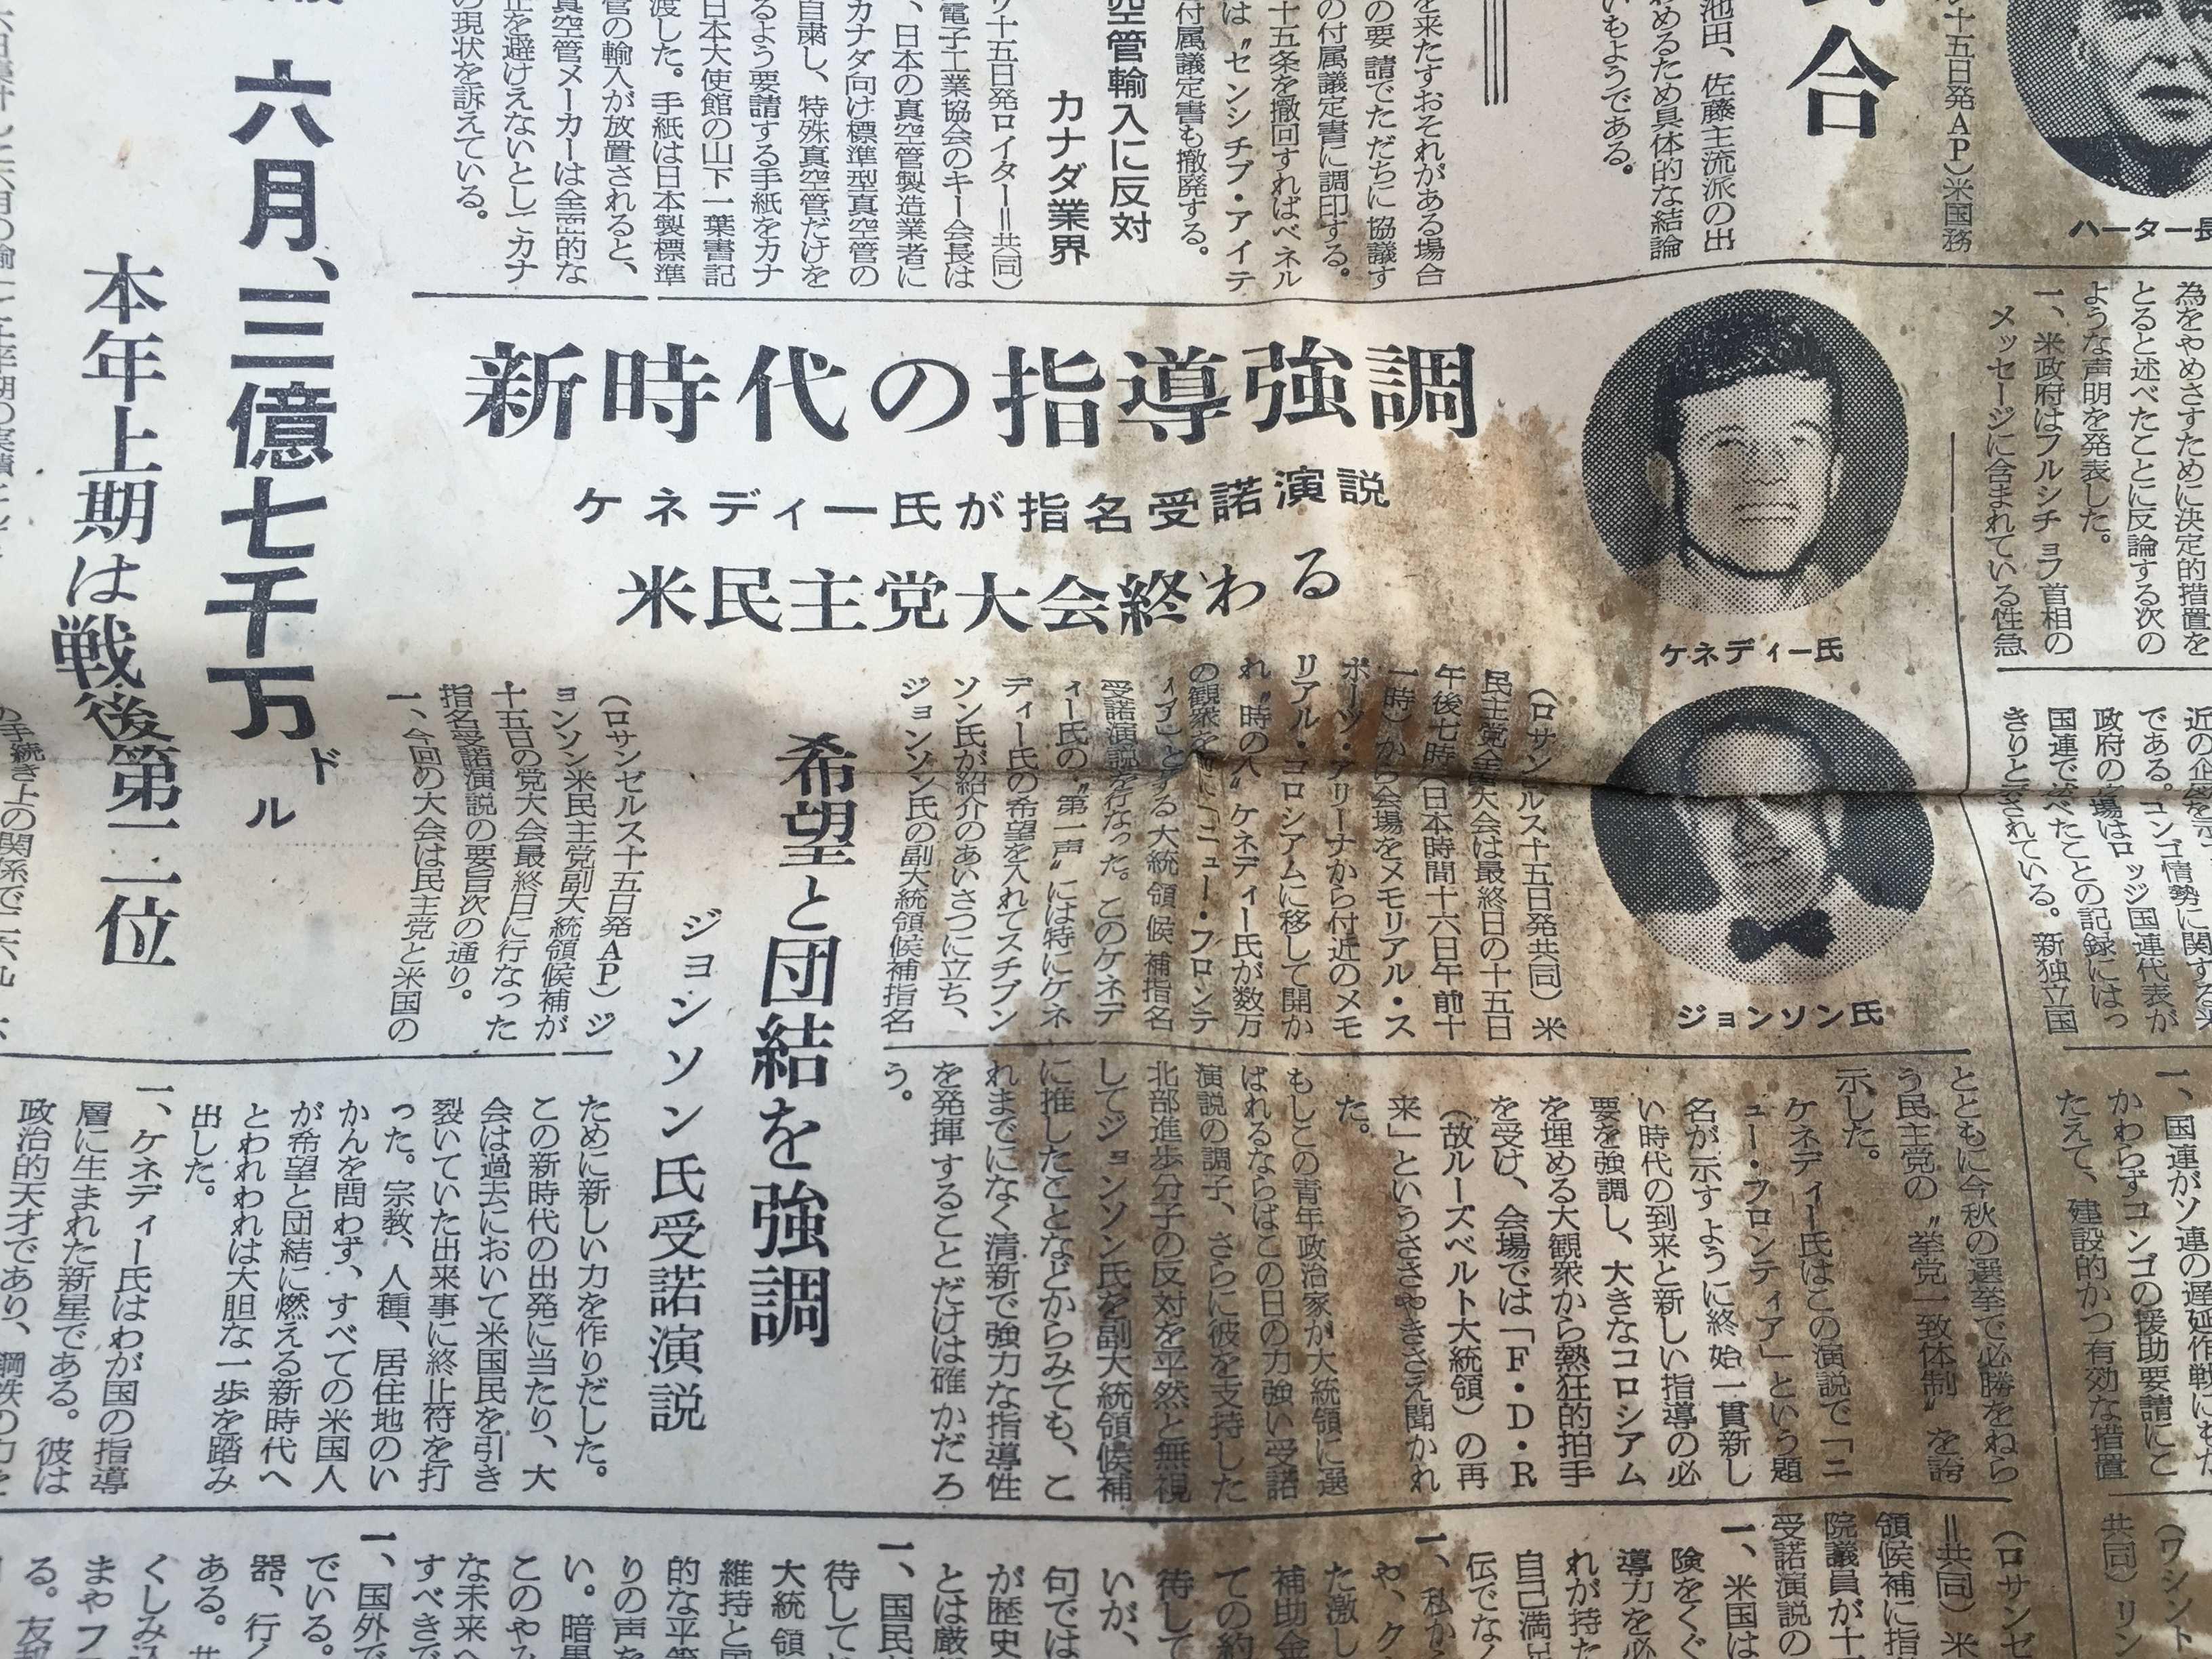 昭和35年(1960年)7月16日 ジョン・F・ケネディの大統領候補指名受諾演説